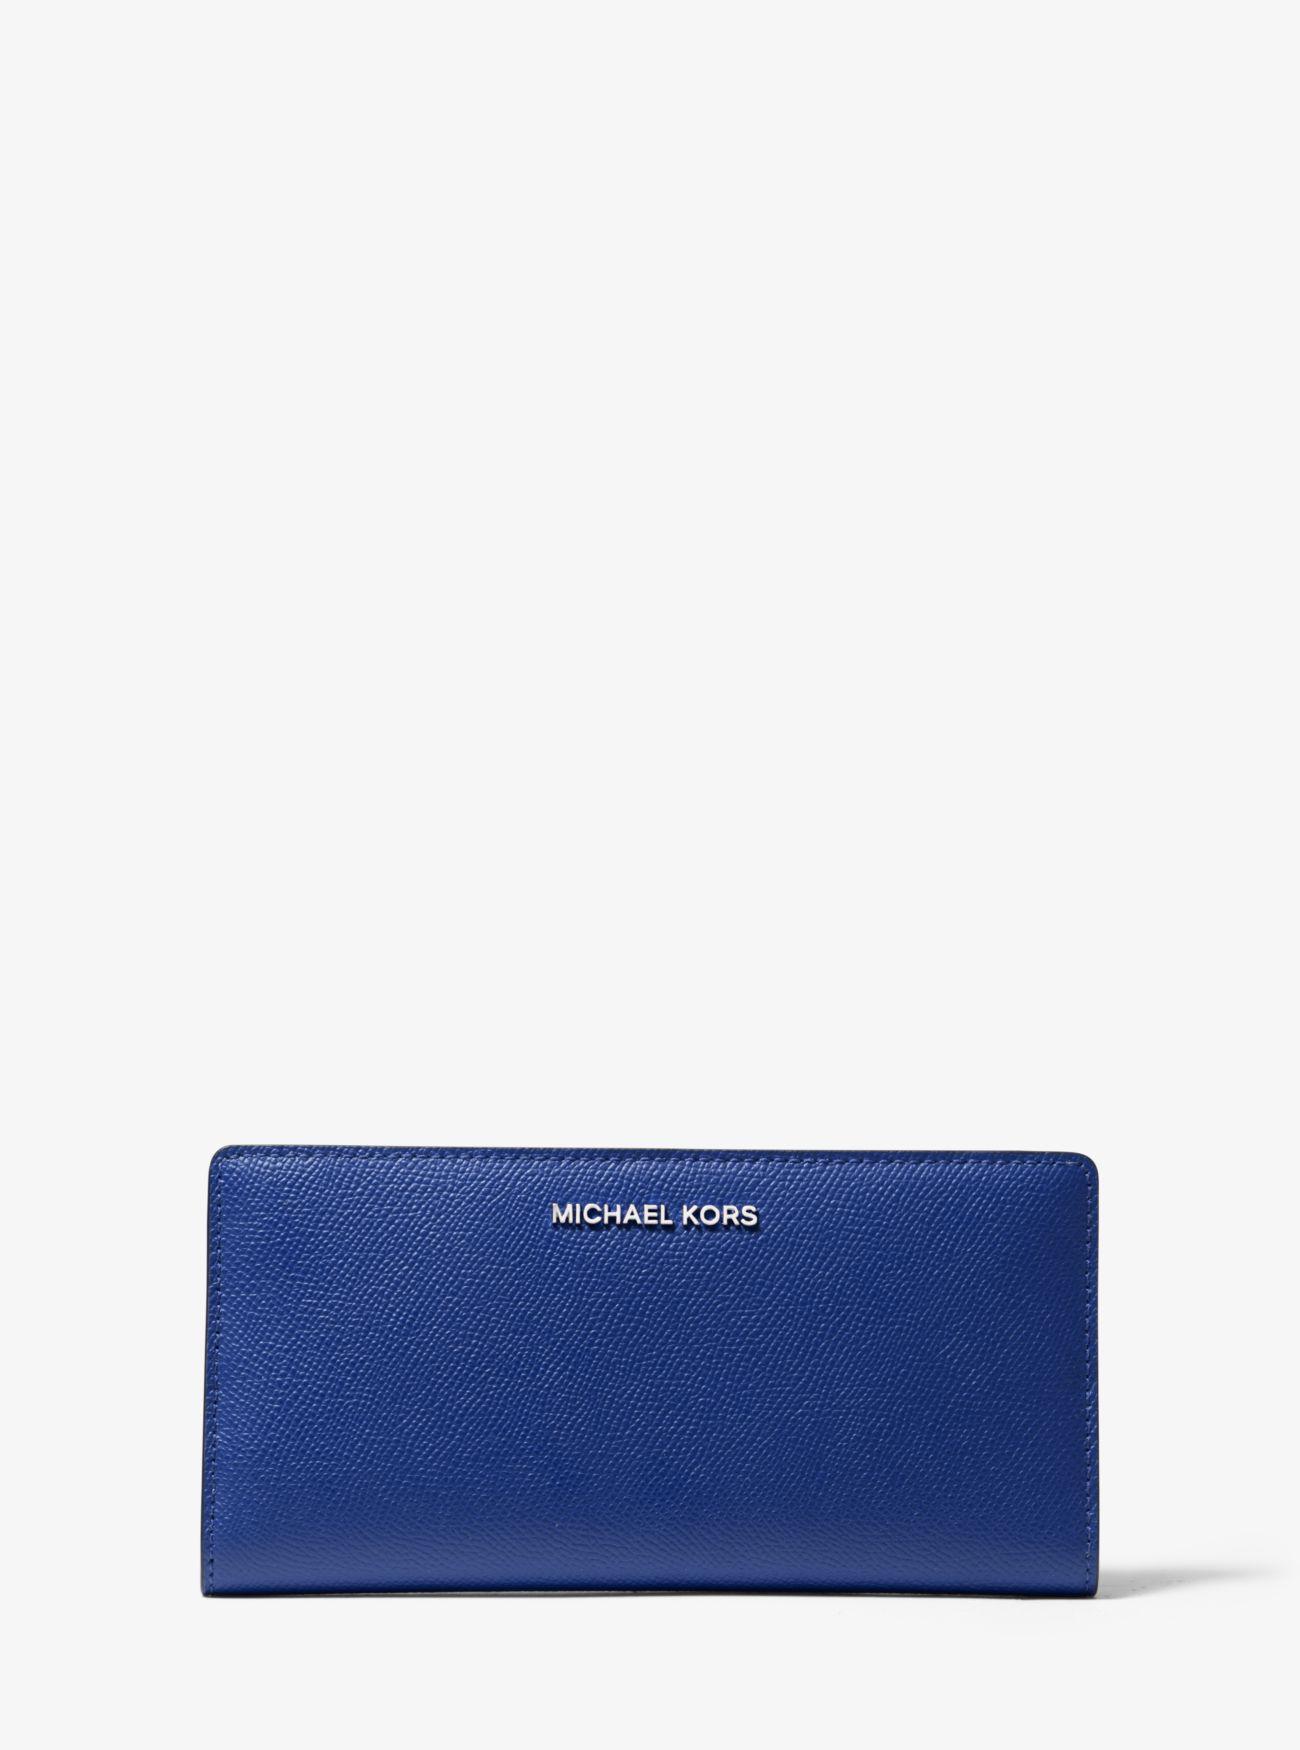 Große schmale Brieftasche aus dreifarbigem, quer genarbtem Leder